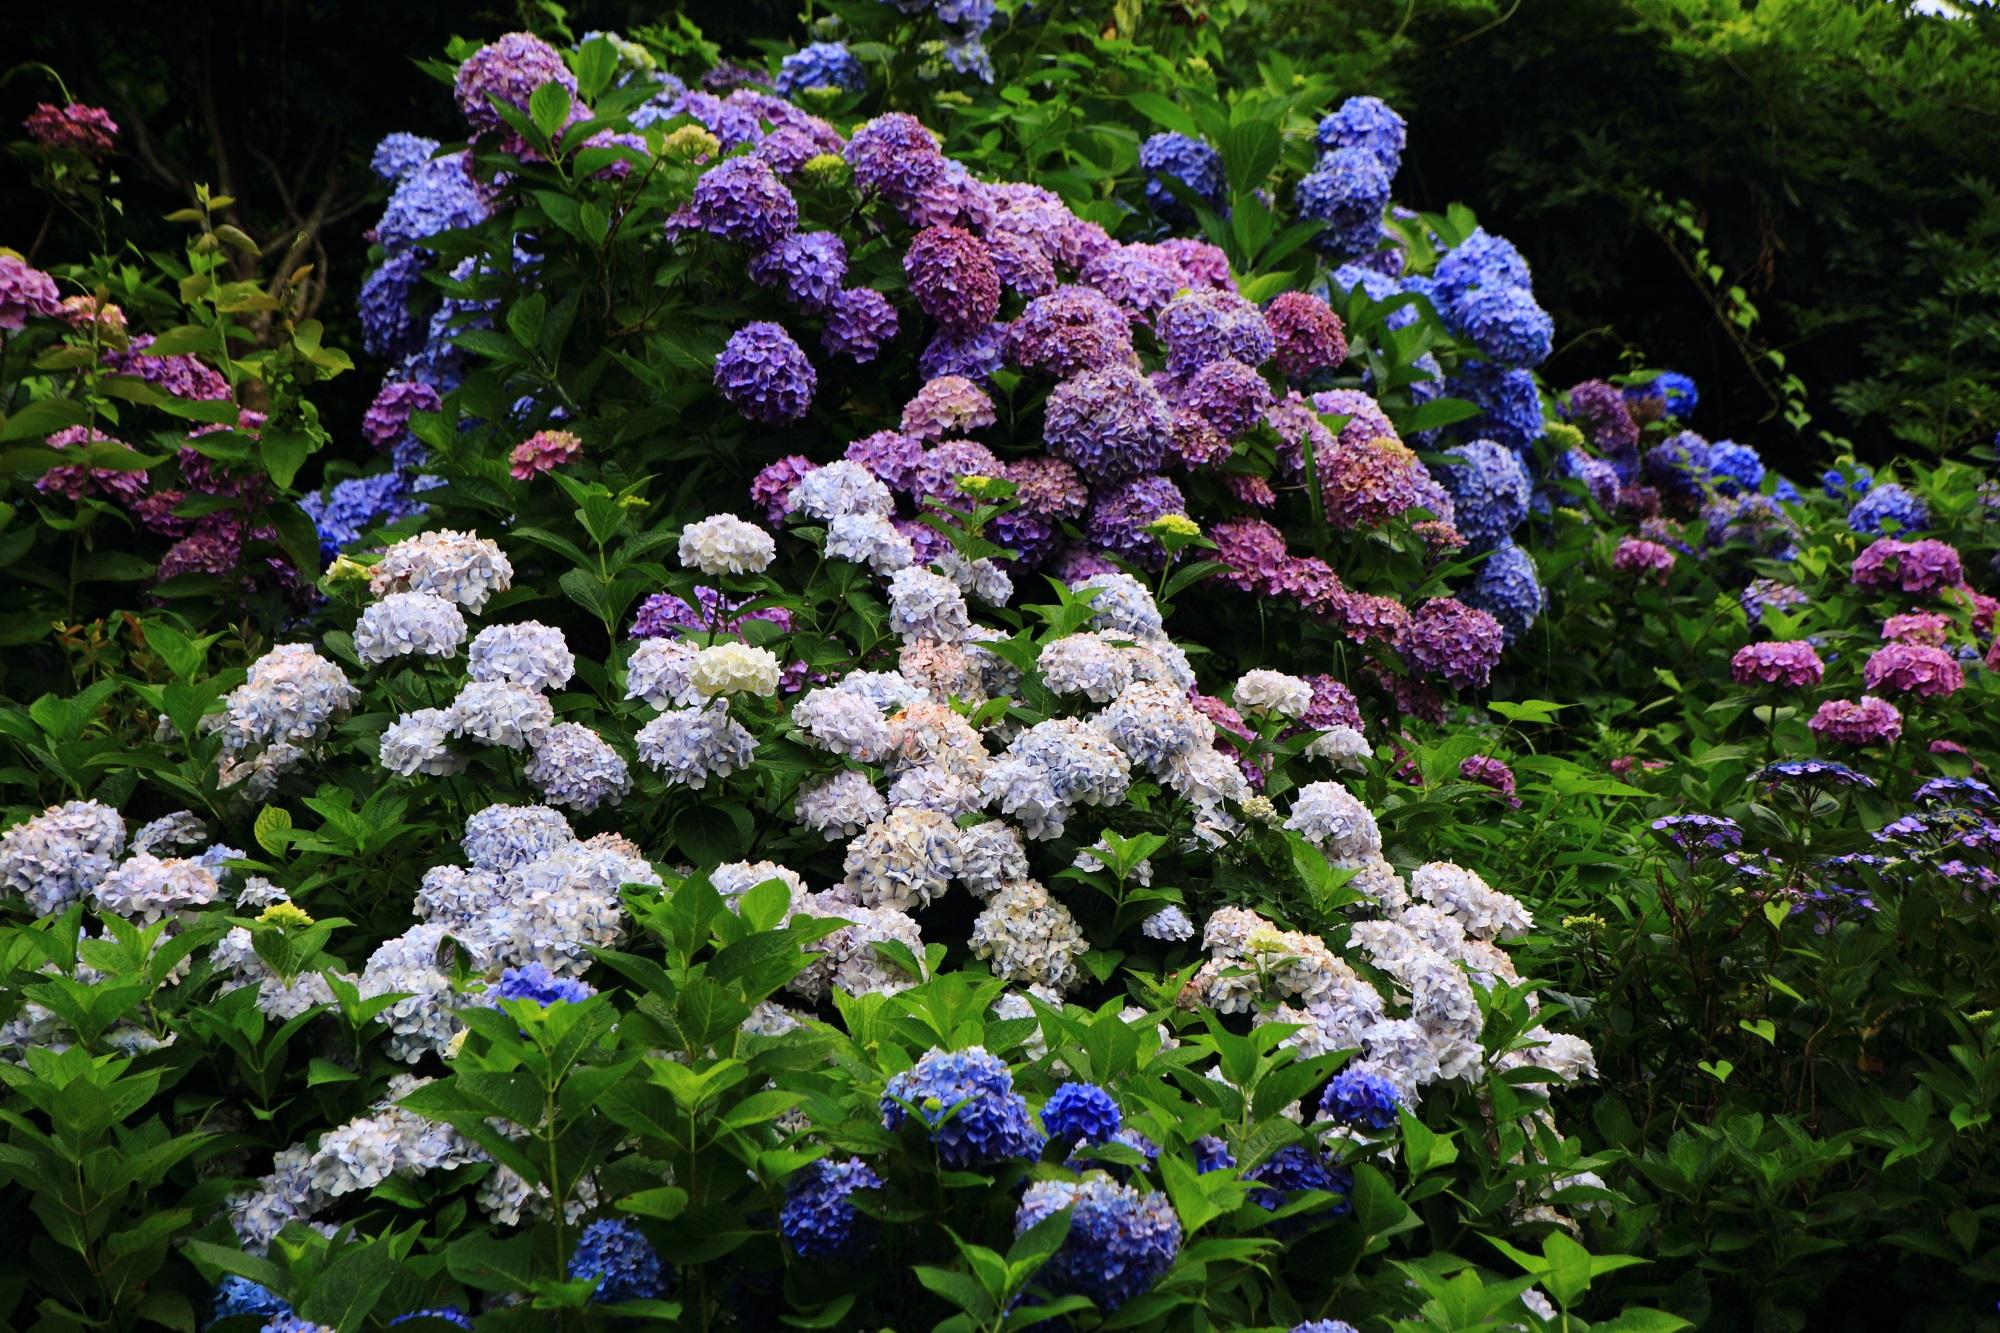 丹州観音寺の弾けんばかりに咲き誇るたくさんの満開の紫陽花